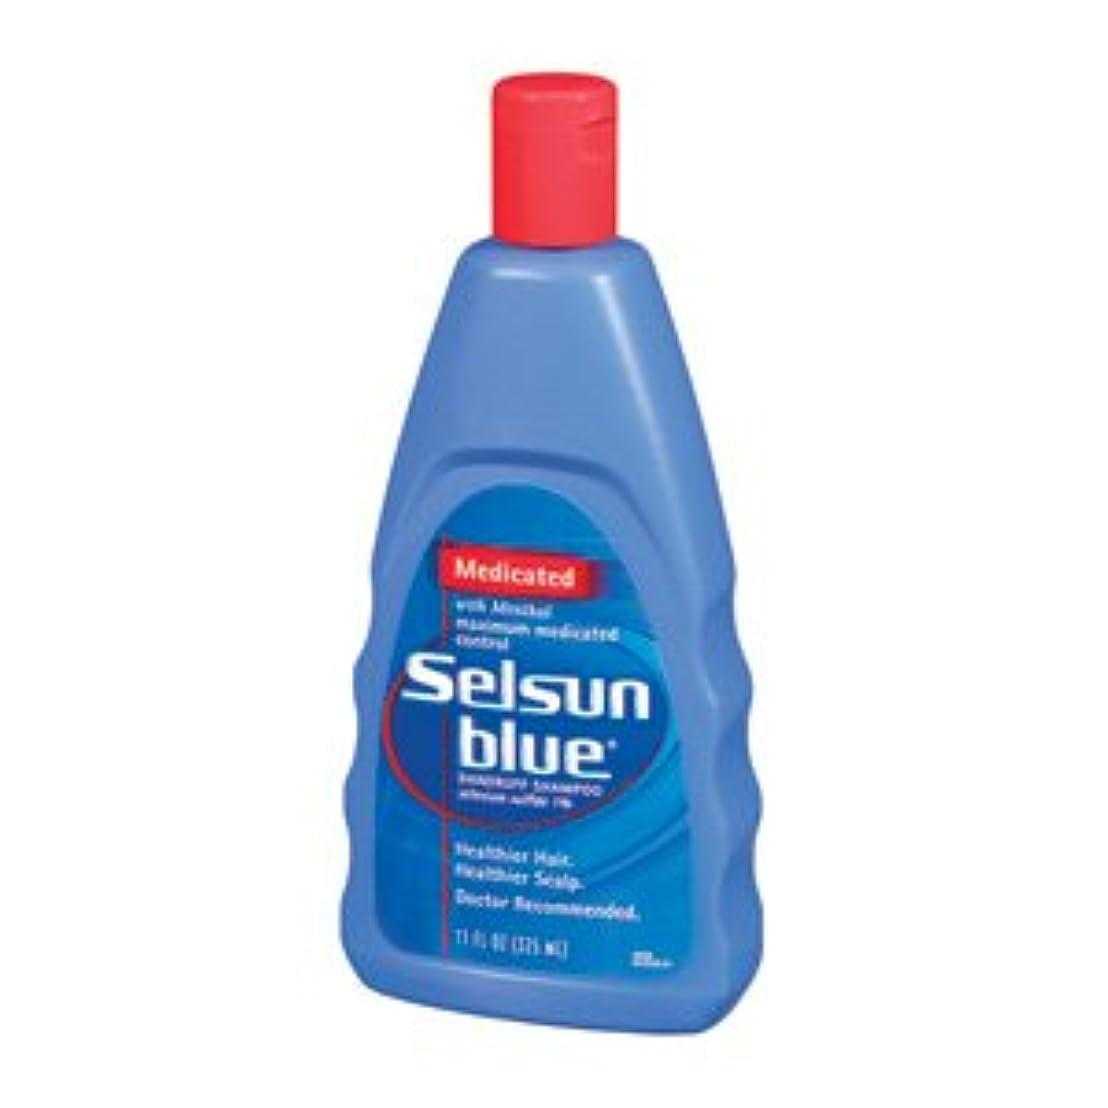 シェア帝国主義底セルサンブルー Selsun Blue ふけ用薬用シャンプー312ml(海外直送品)